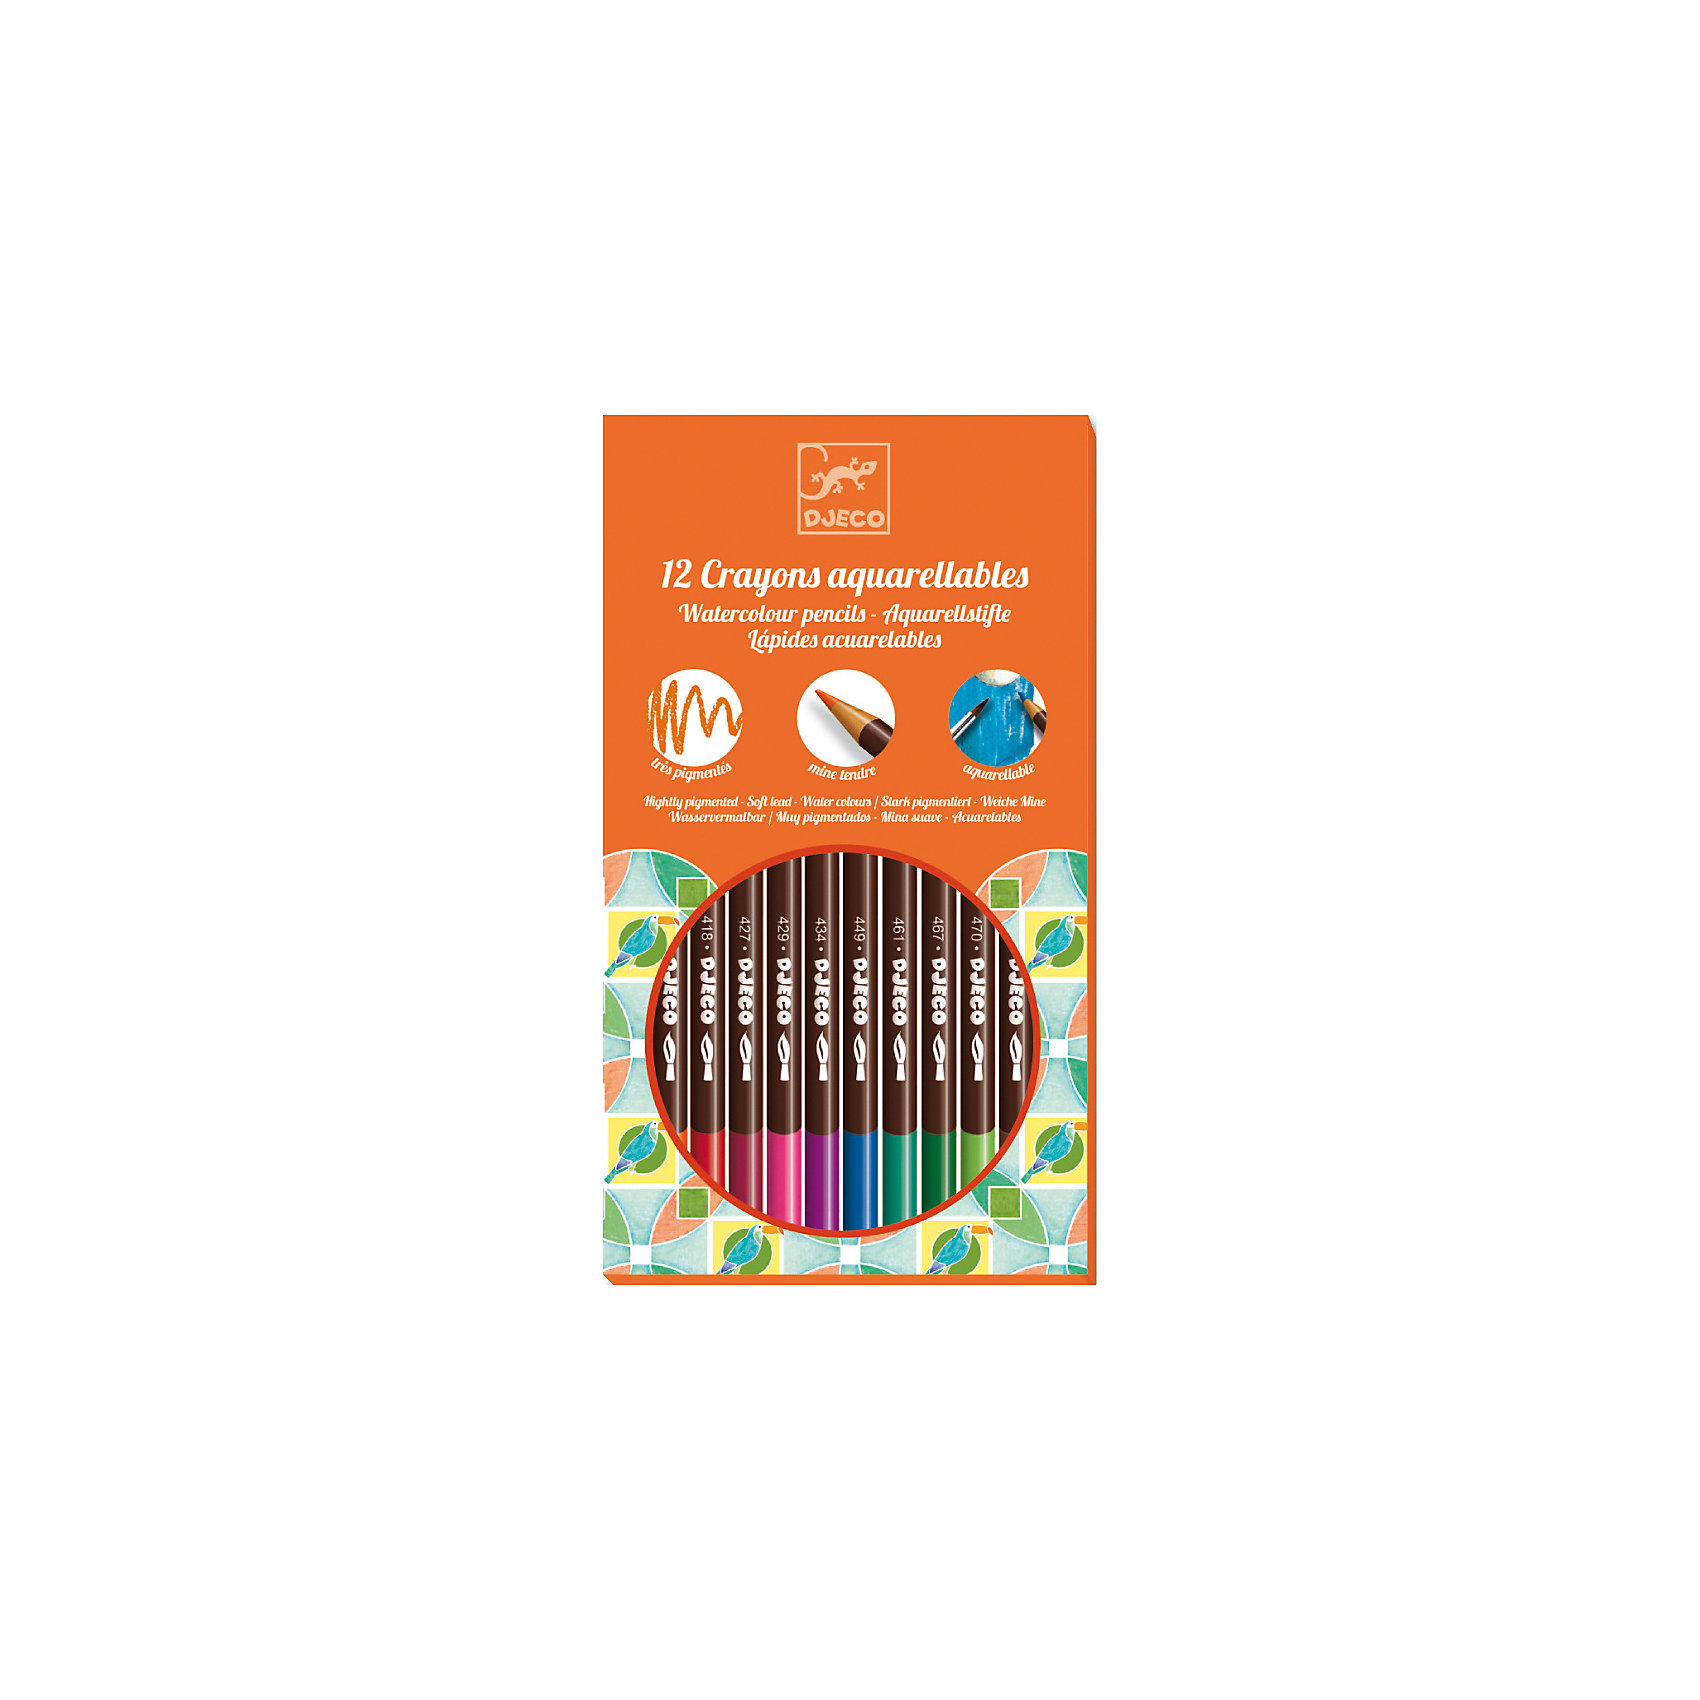 DJECO Набор акварель, 12 штукНабор состоит из 12 акварельных карандашей и кисточки, с помощью которой вы можете создать эффект акварельного рисунка. Просто немного смочите кисточку водой и проведите по контурам рисунка, слегка размывая их.<br><br>DJECO (Джеко) Набор акварель, 12 штук можно купить в нашем магазине.<br><br>Ширина мм: 192<br>Глубина мм: 130<br>Высота мм: 10<br>Вес г: 100<br>Возраст от месяцев: 24<br>Возраст до месяцев: 2147483647<br>Пол: Унисекс<br>Возраст: Детский<br>SKU: 2175159